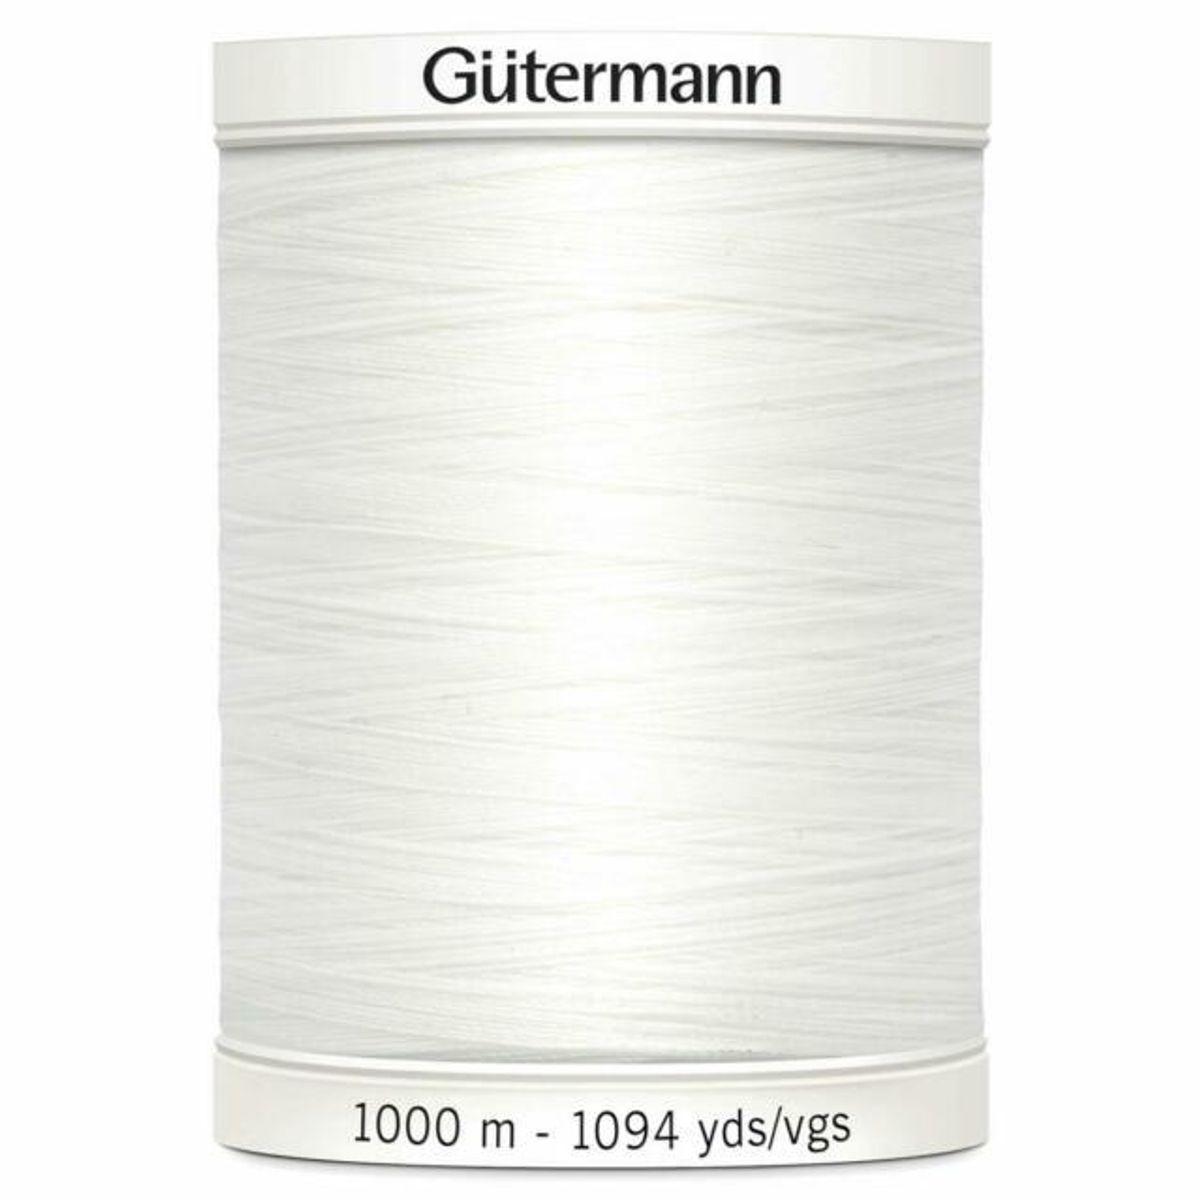 Gutermann 1000 m kvit